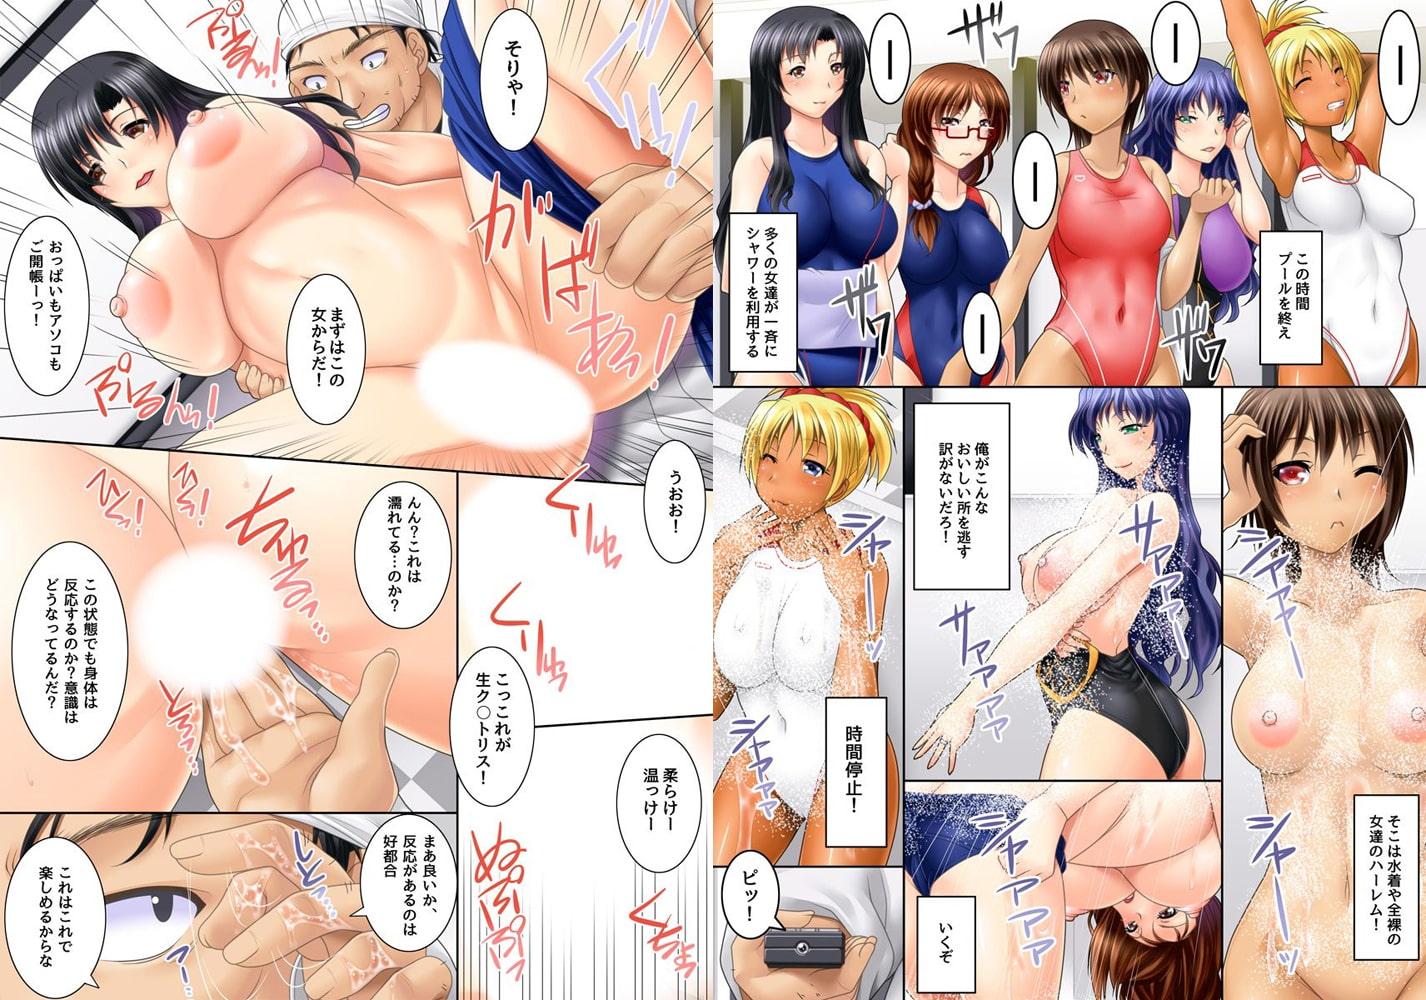 時間よ。止まれっ!汗だく全裸娘をやりたい放題!